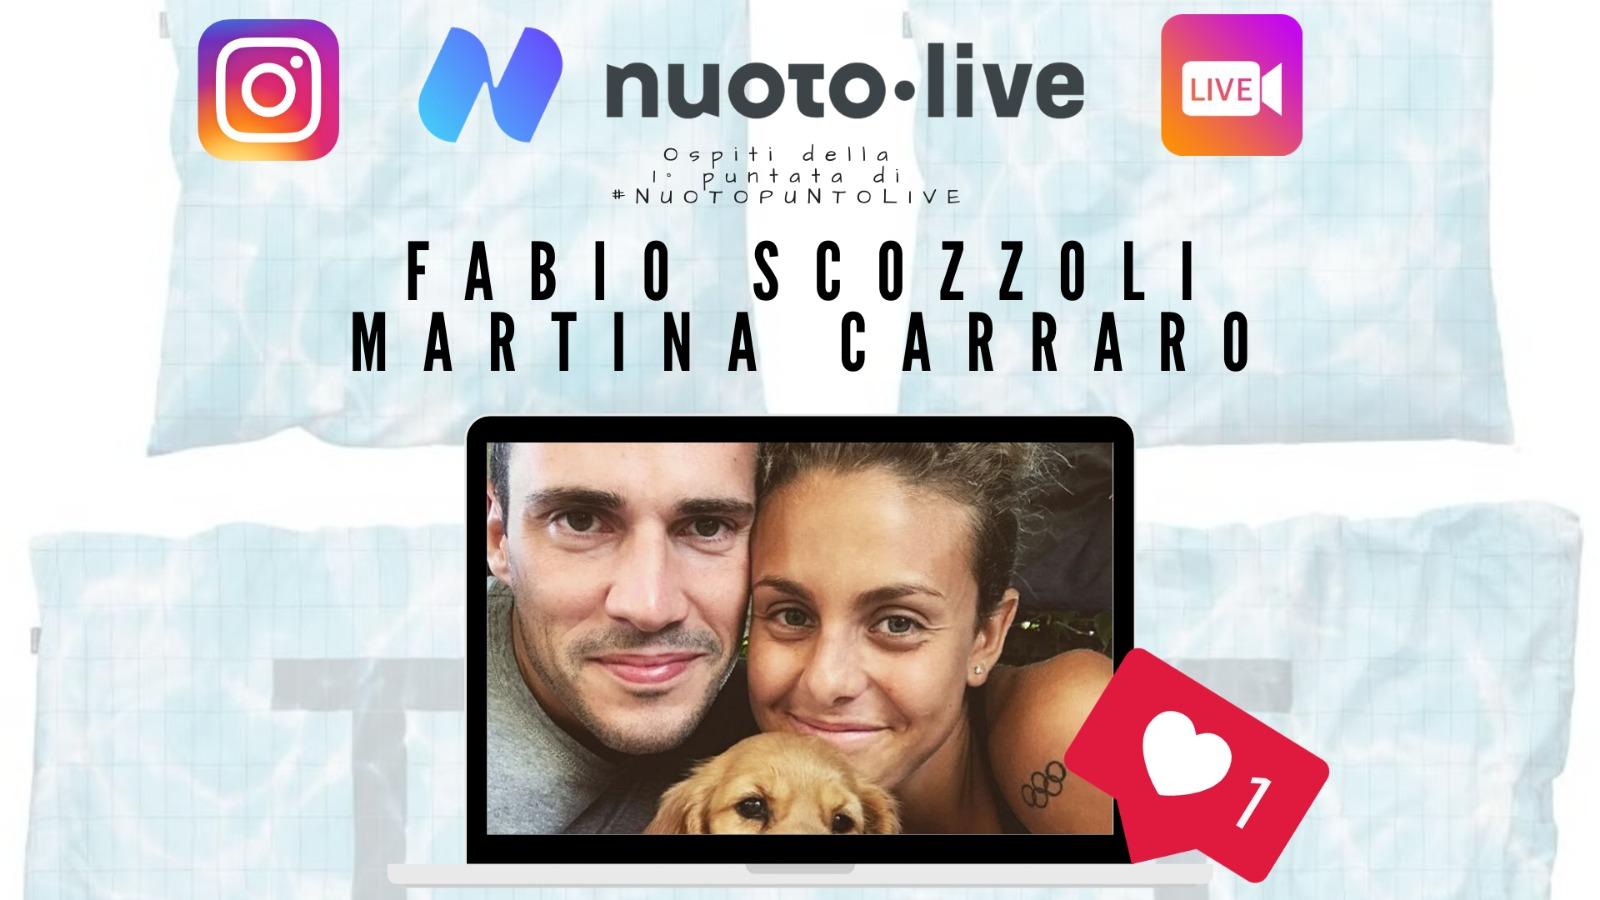 Carraro e Scozzoli live su Instagram per Nuotopuntolive